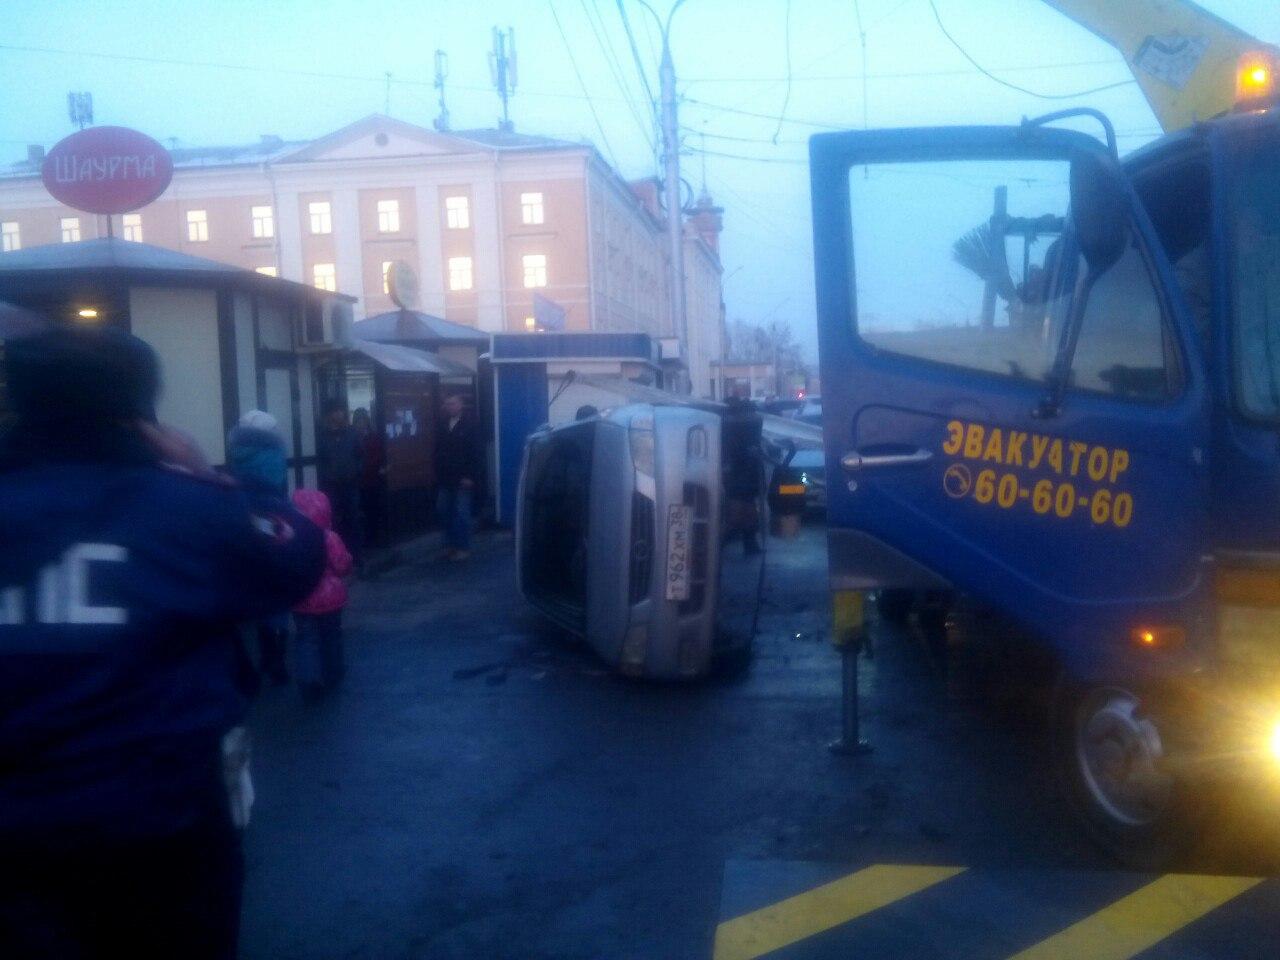 Эвакуаторщик опять уронил автомобиль вИркутске